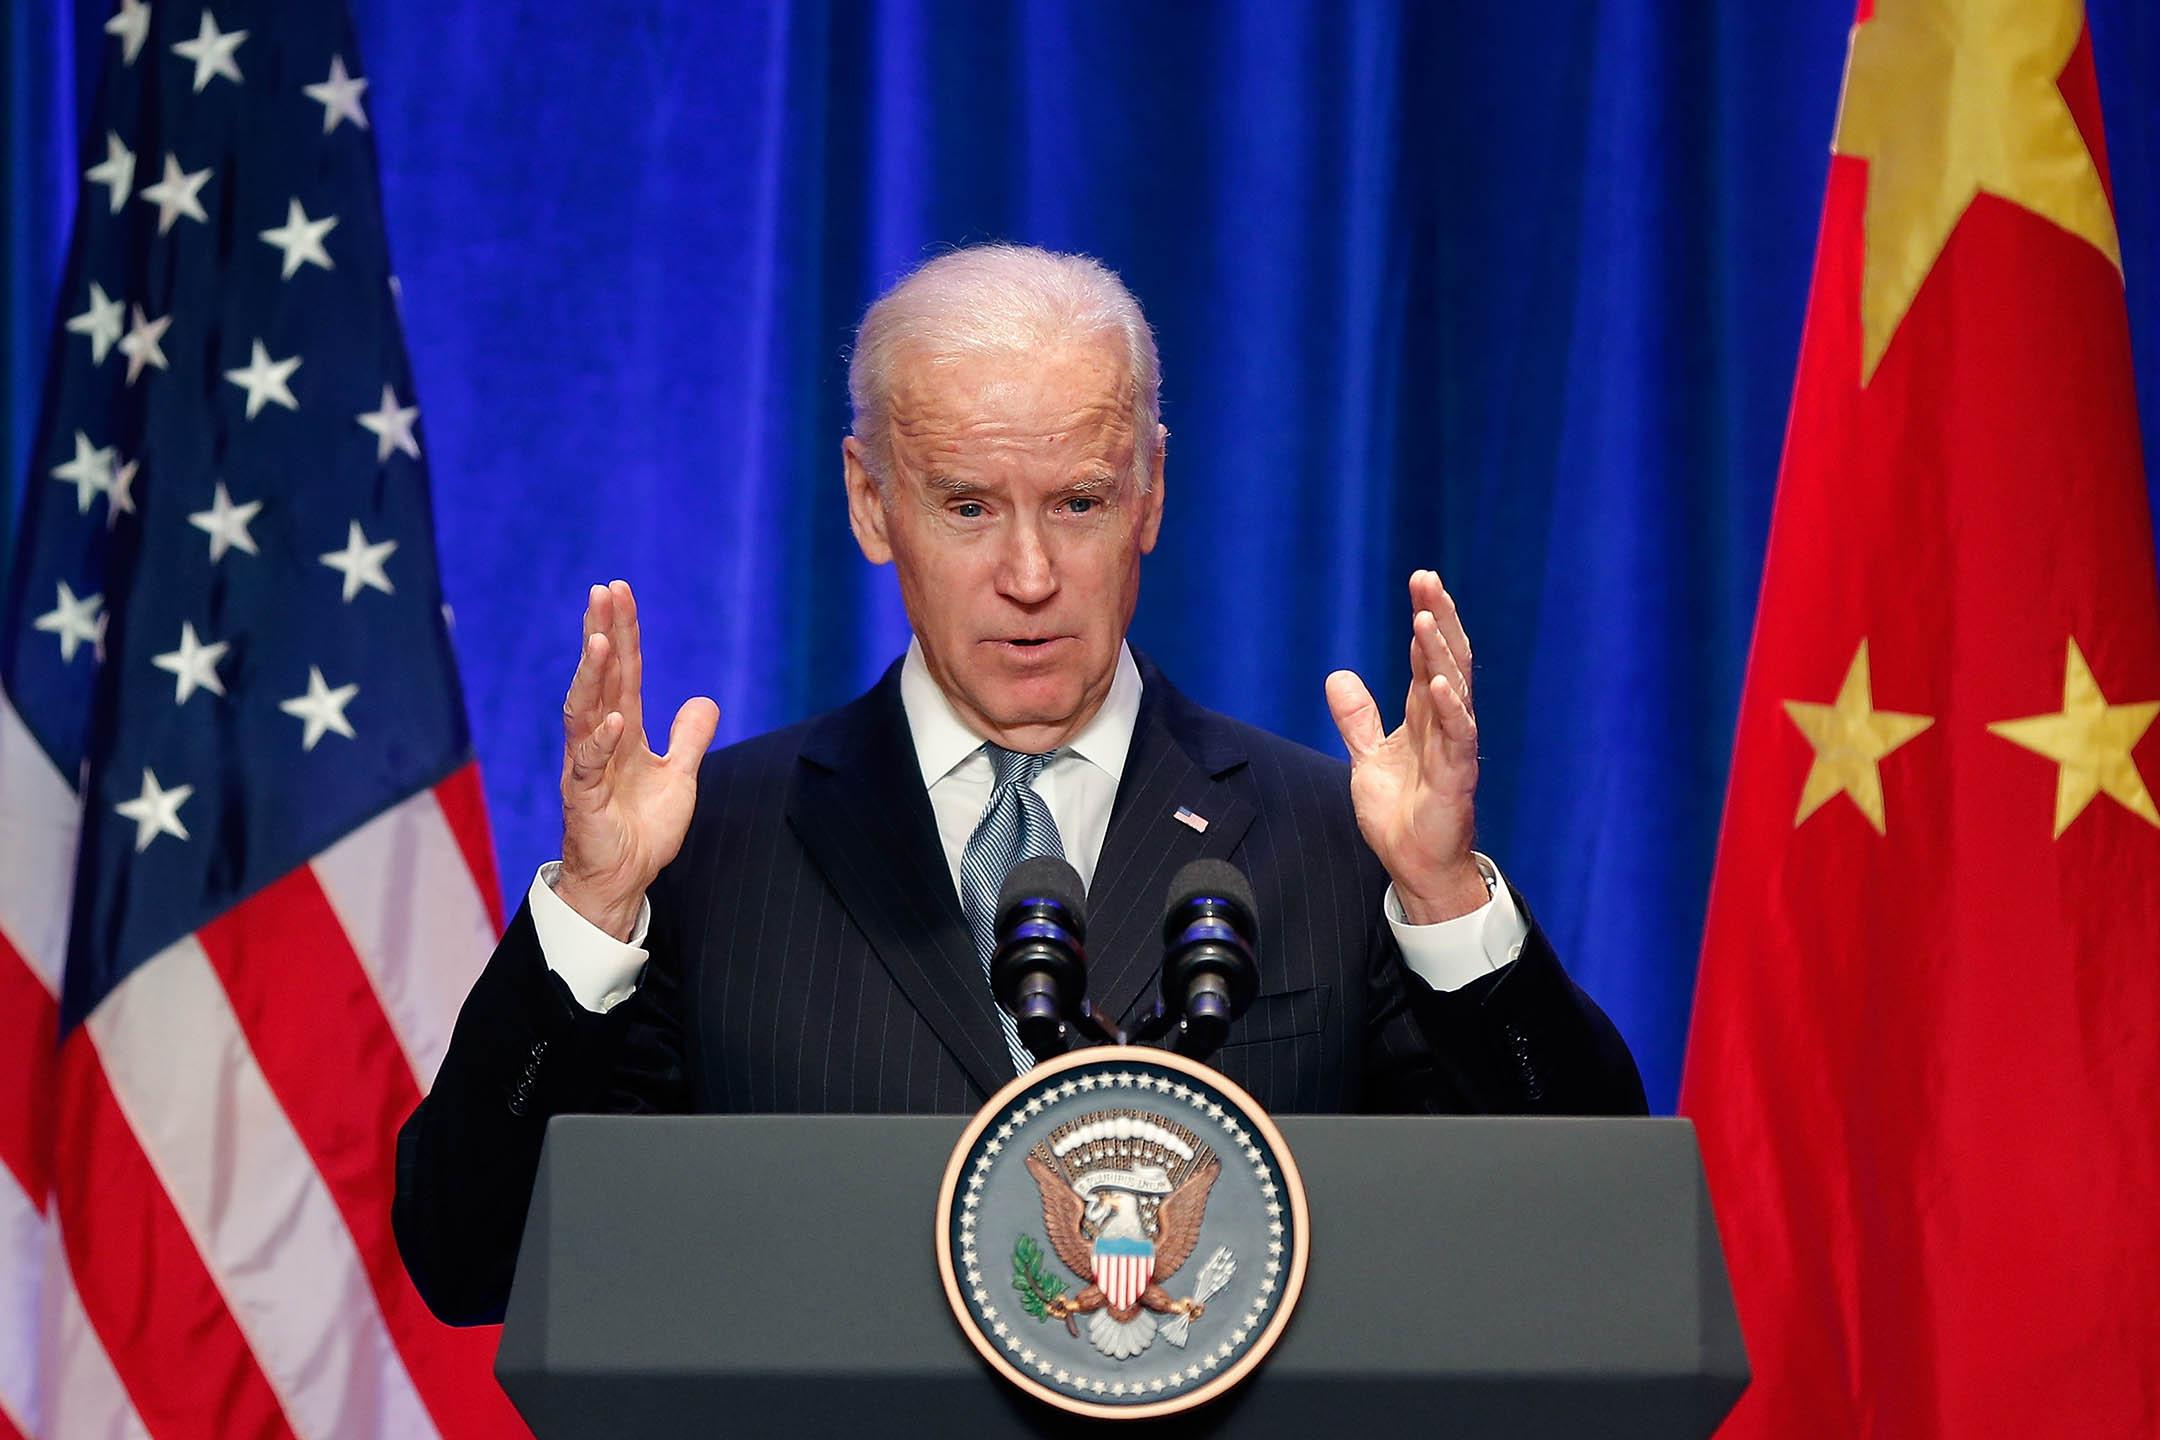 2013年12月5日北京,美國副總統喬·拜登(Joe Biden)在會議上演講。